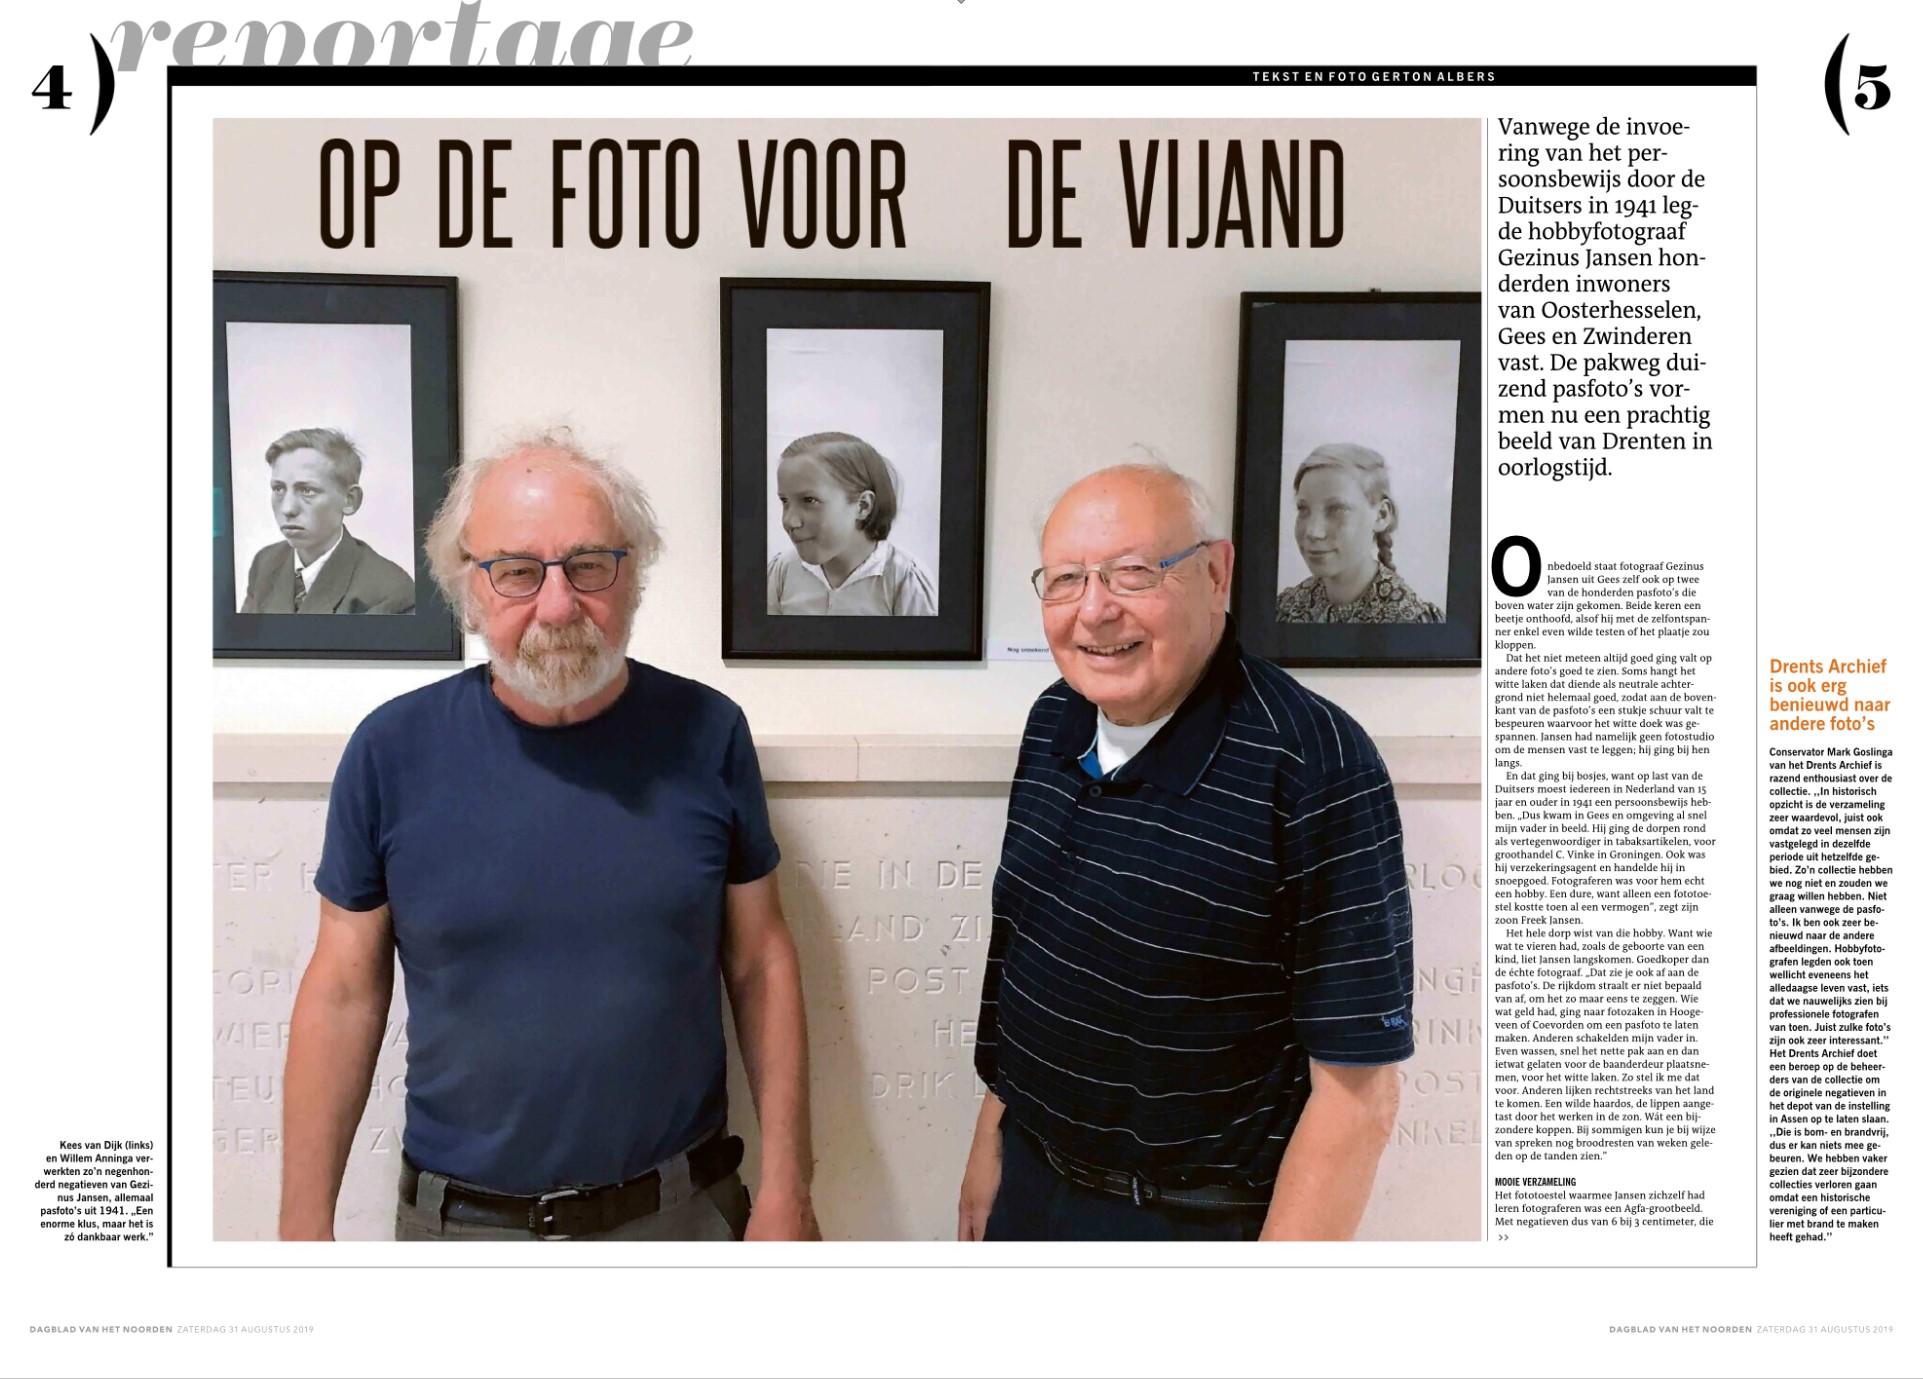 Kees van Dijk en Willem Anninga over het fotoproject